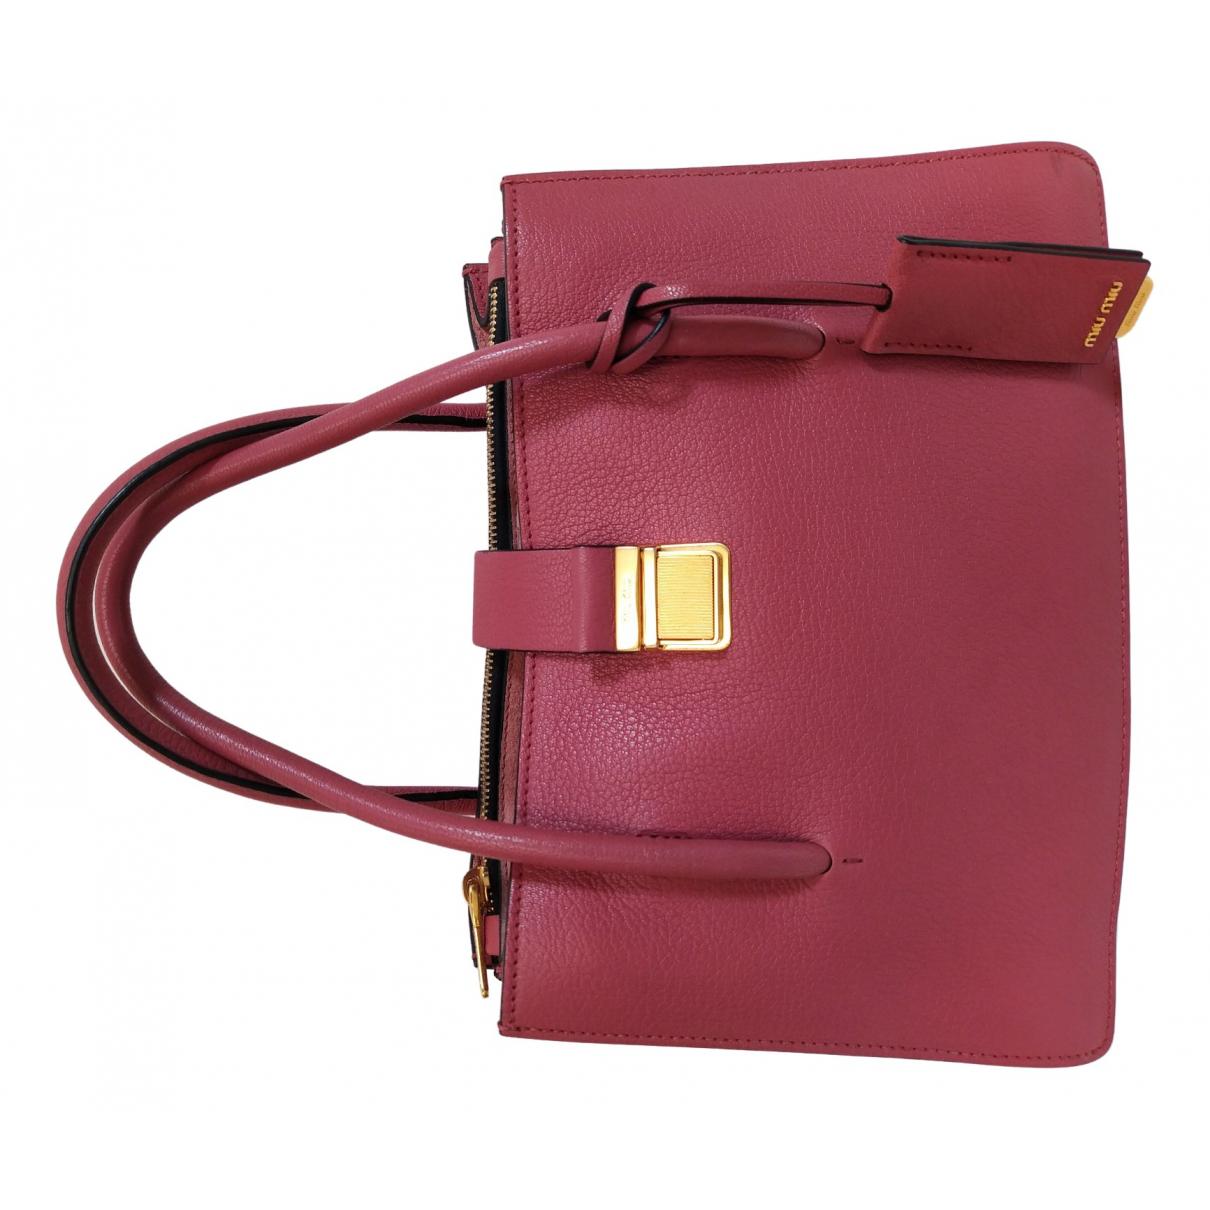 Miu Miu Madras Handtasche in  Rosa Leder